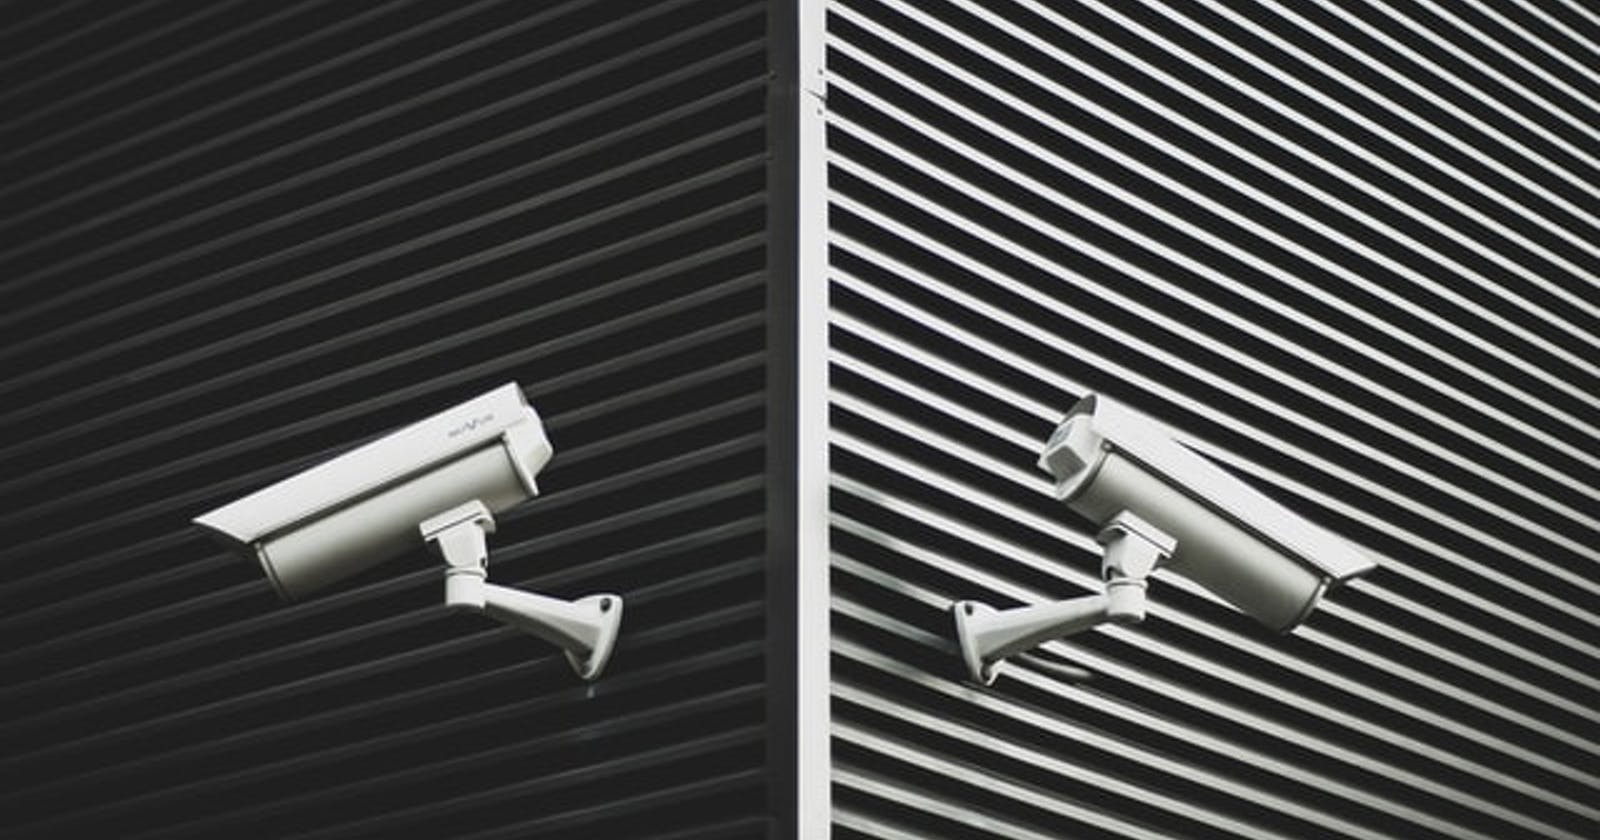 5 Ways of Mitigating Open Source Security Vulnerabilities